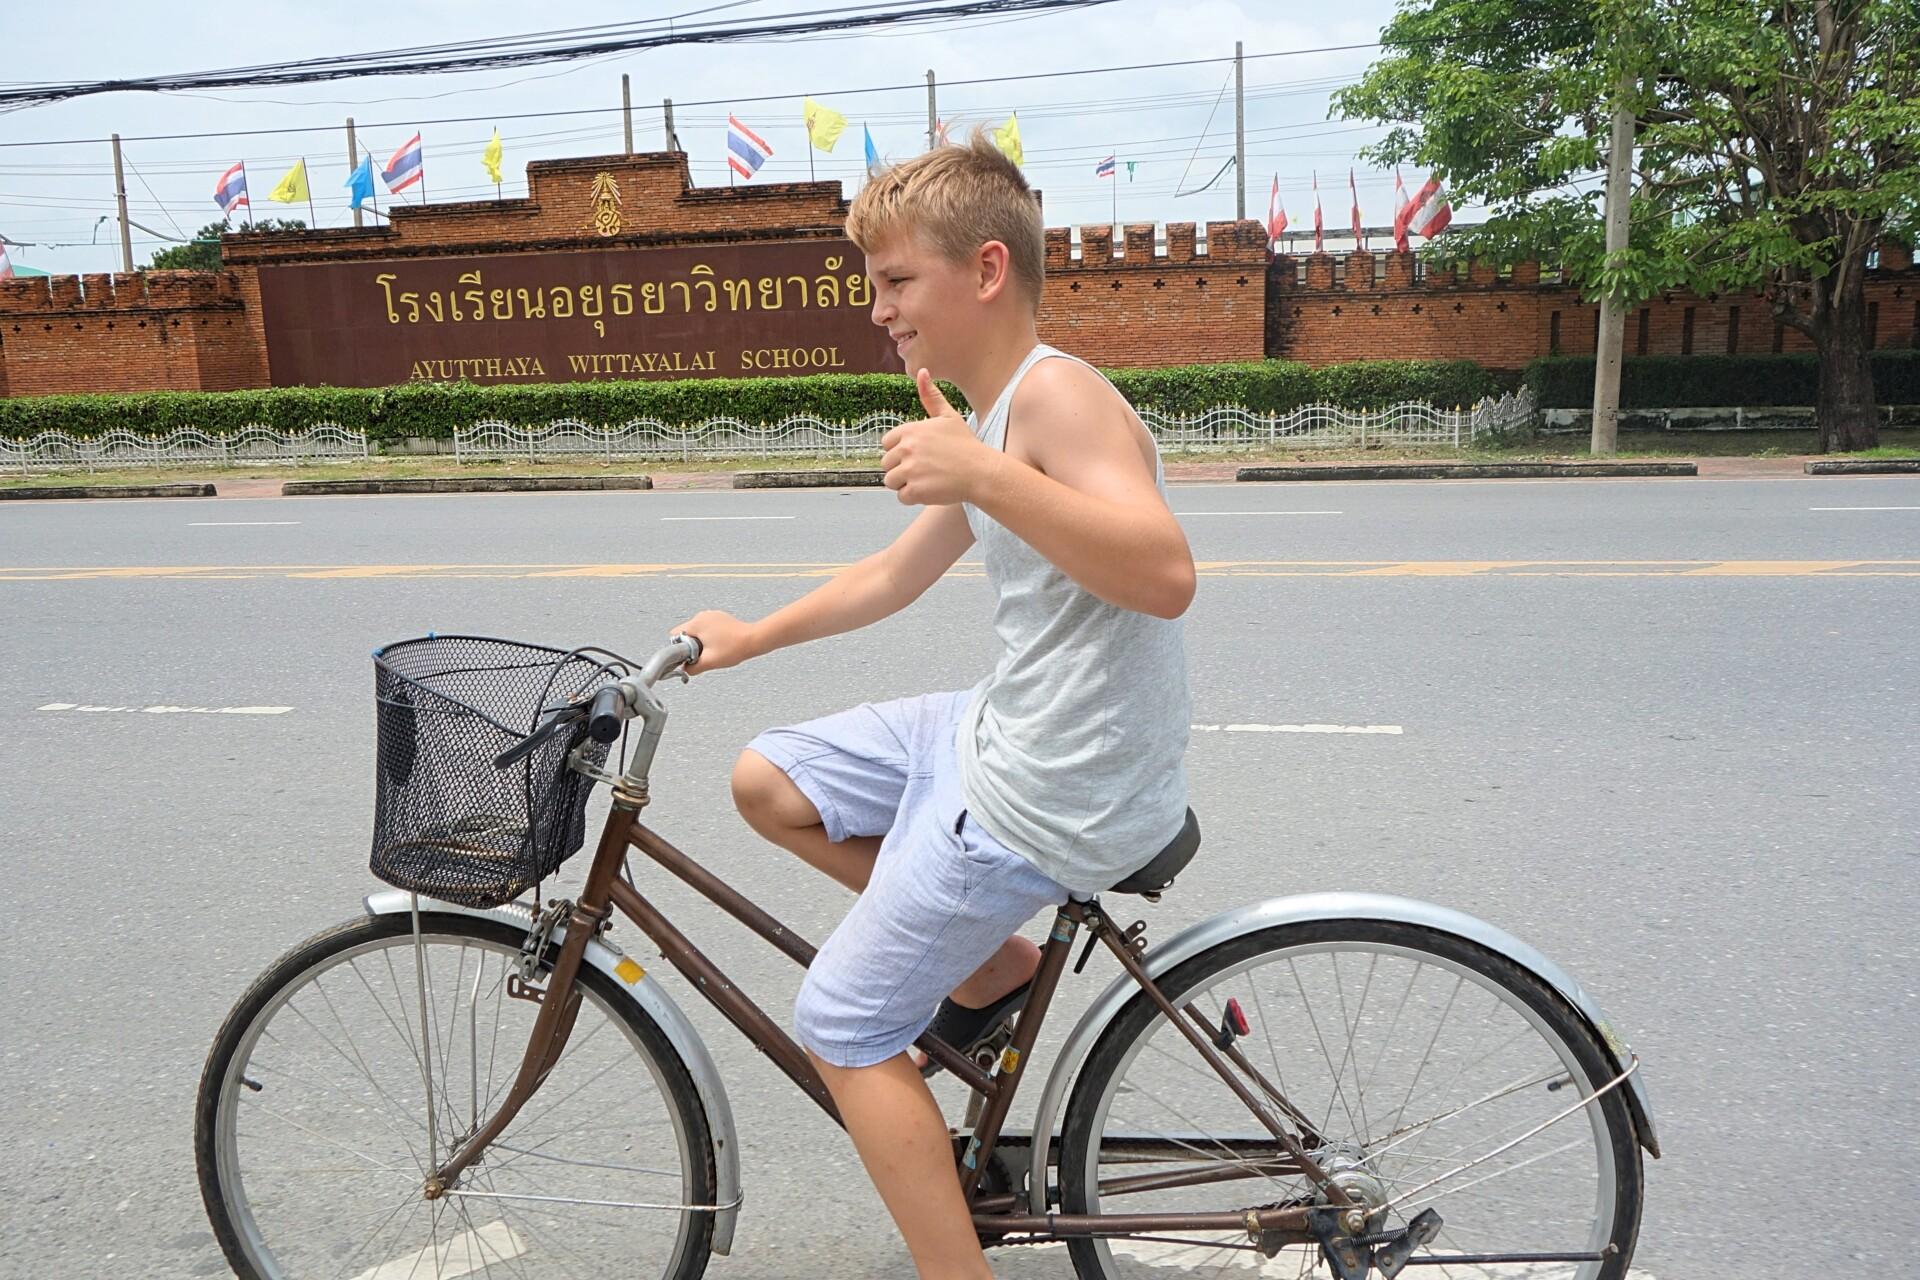 Tag cyklen rundt i kongebyen Ayutthaya i Thailand